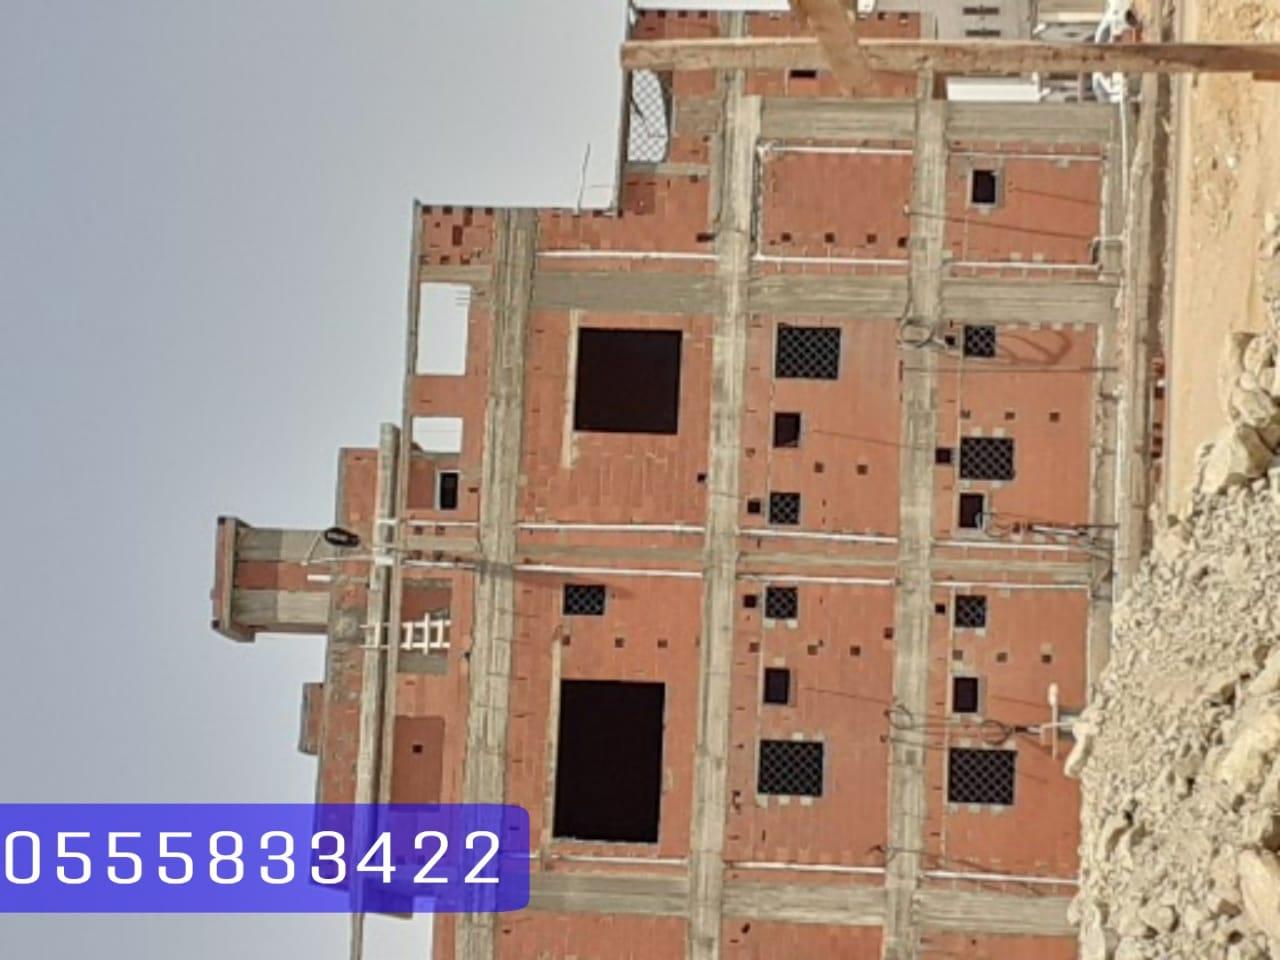 مقاول معماري بناء بالمواد عظم  , 0555833422 , , مقاول بناء في الخبر , مقاول ترميم وترميمات في الخبر P_1699wwc0o9